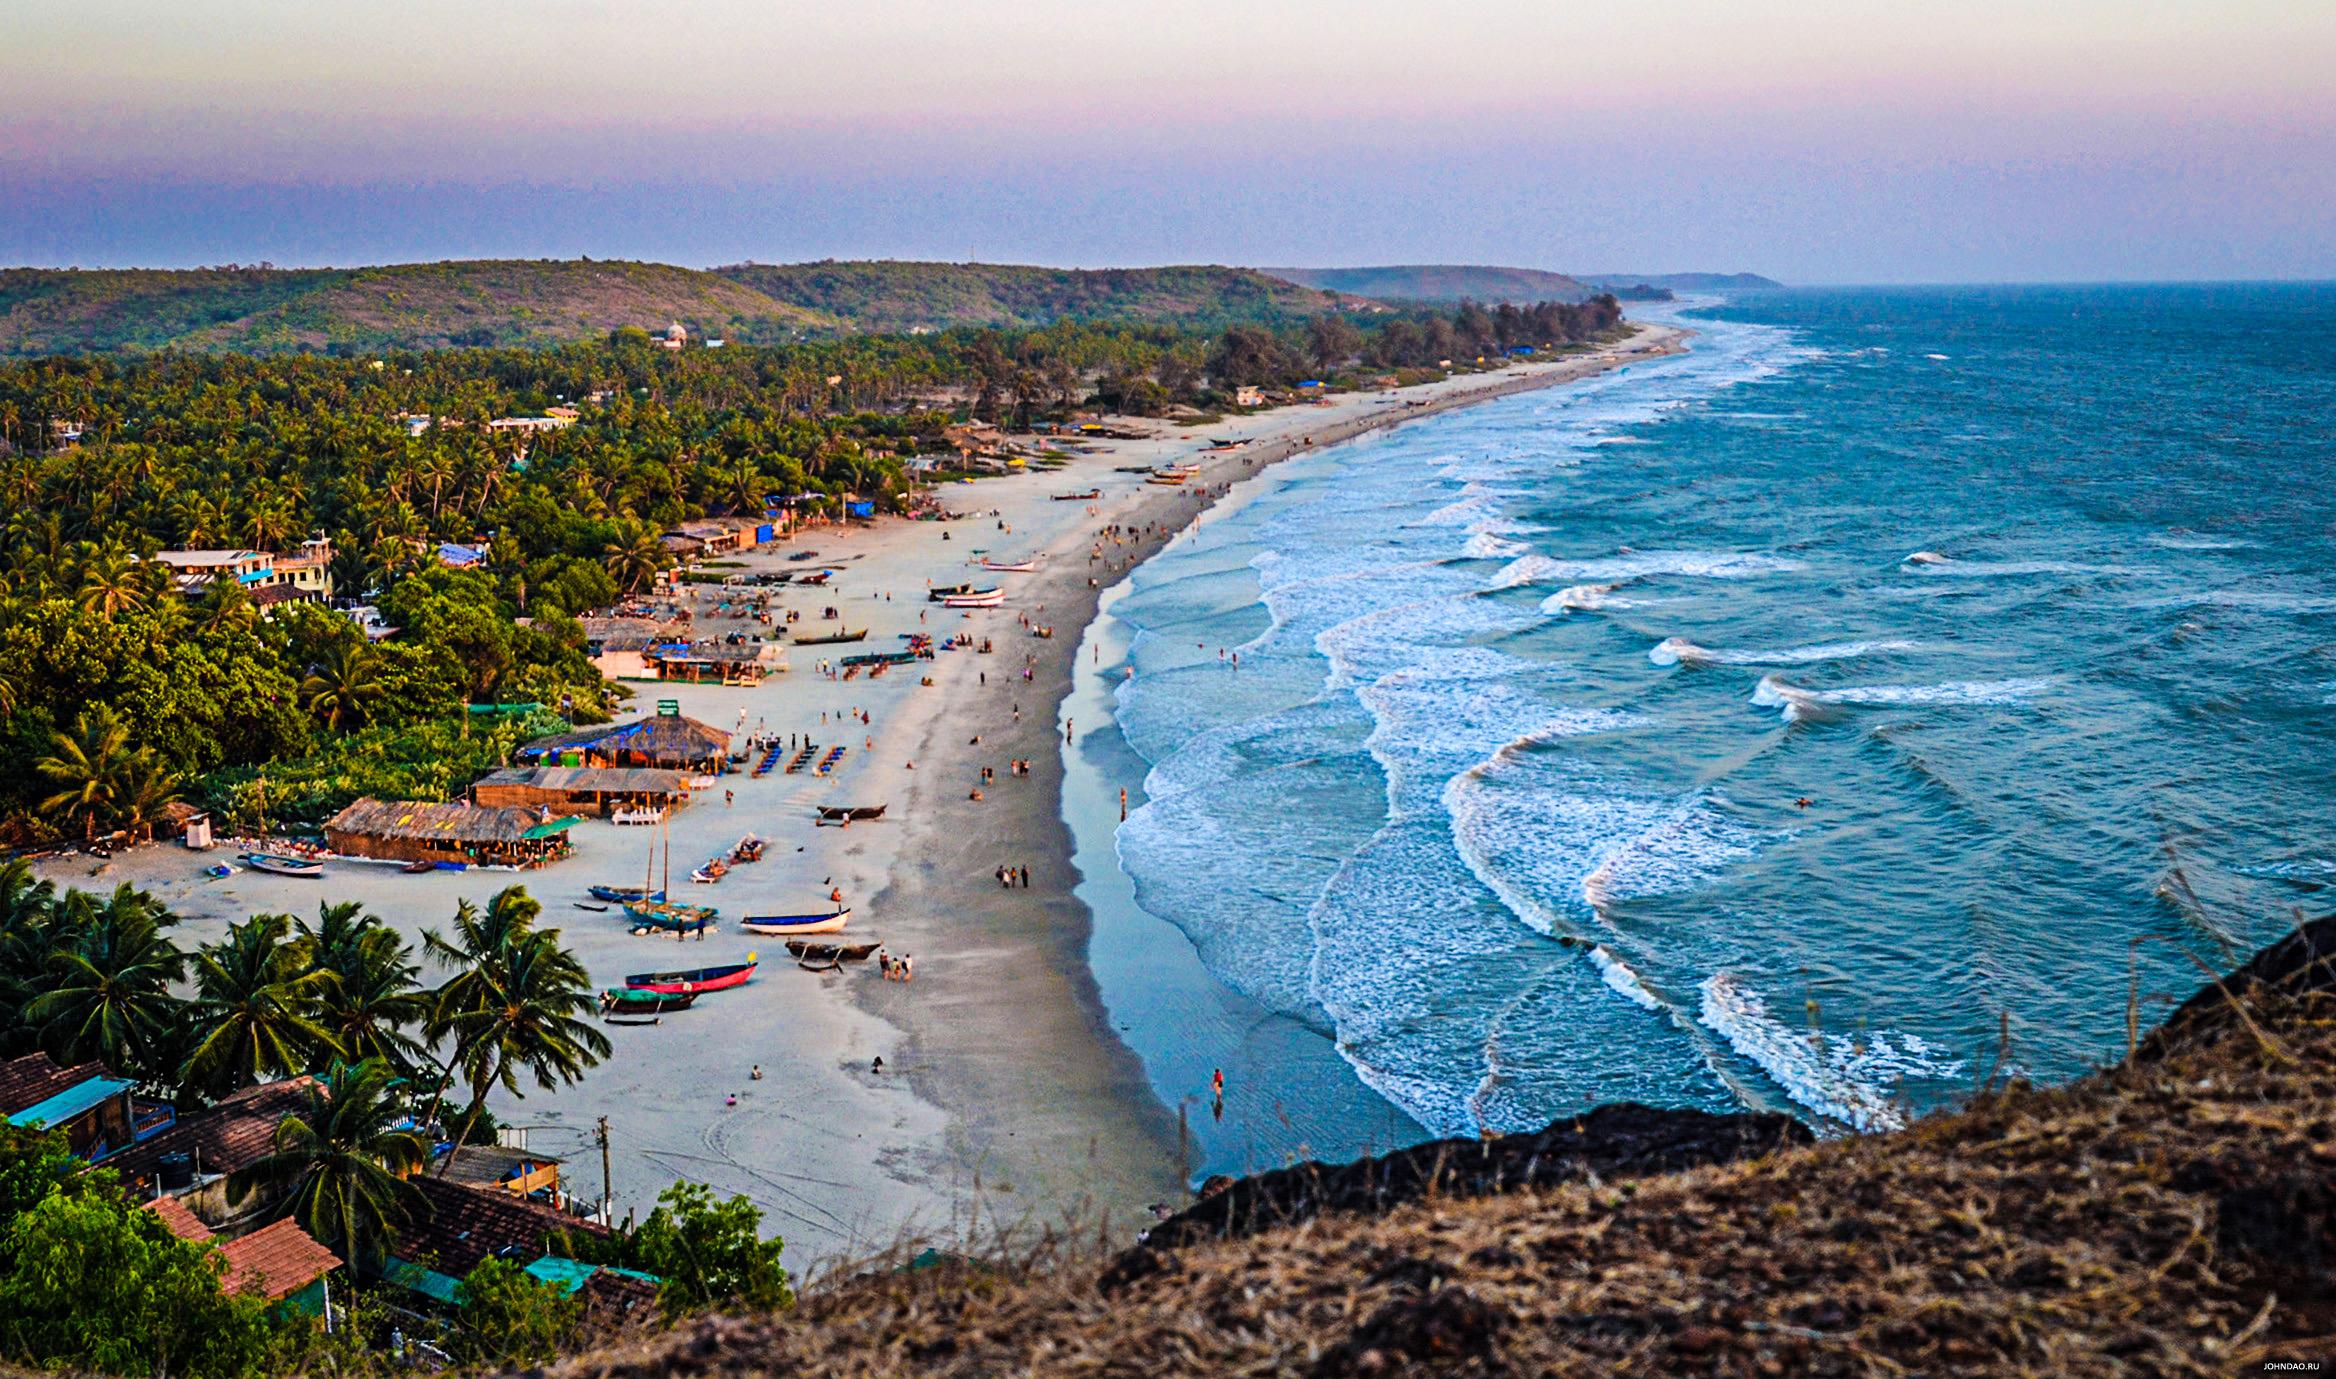 Виза на Гоа: особенности получения визы любителям побережья